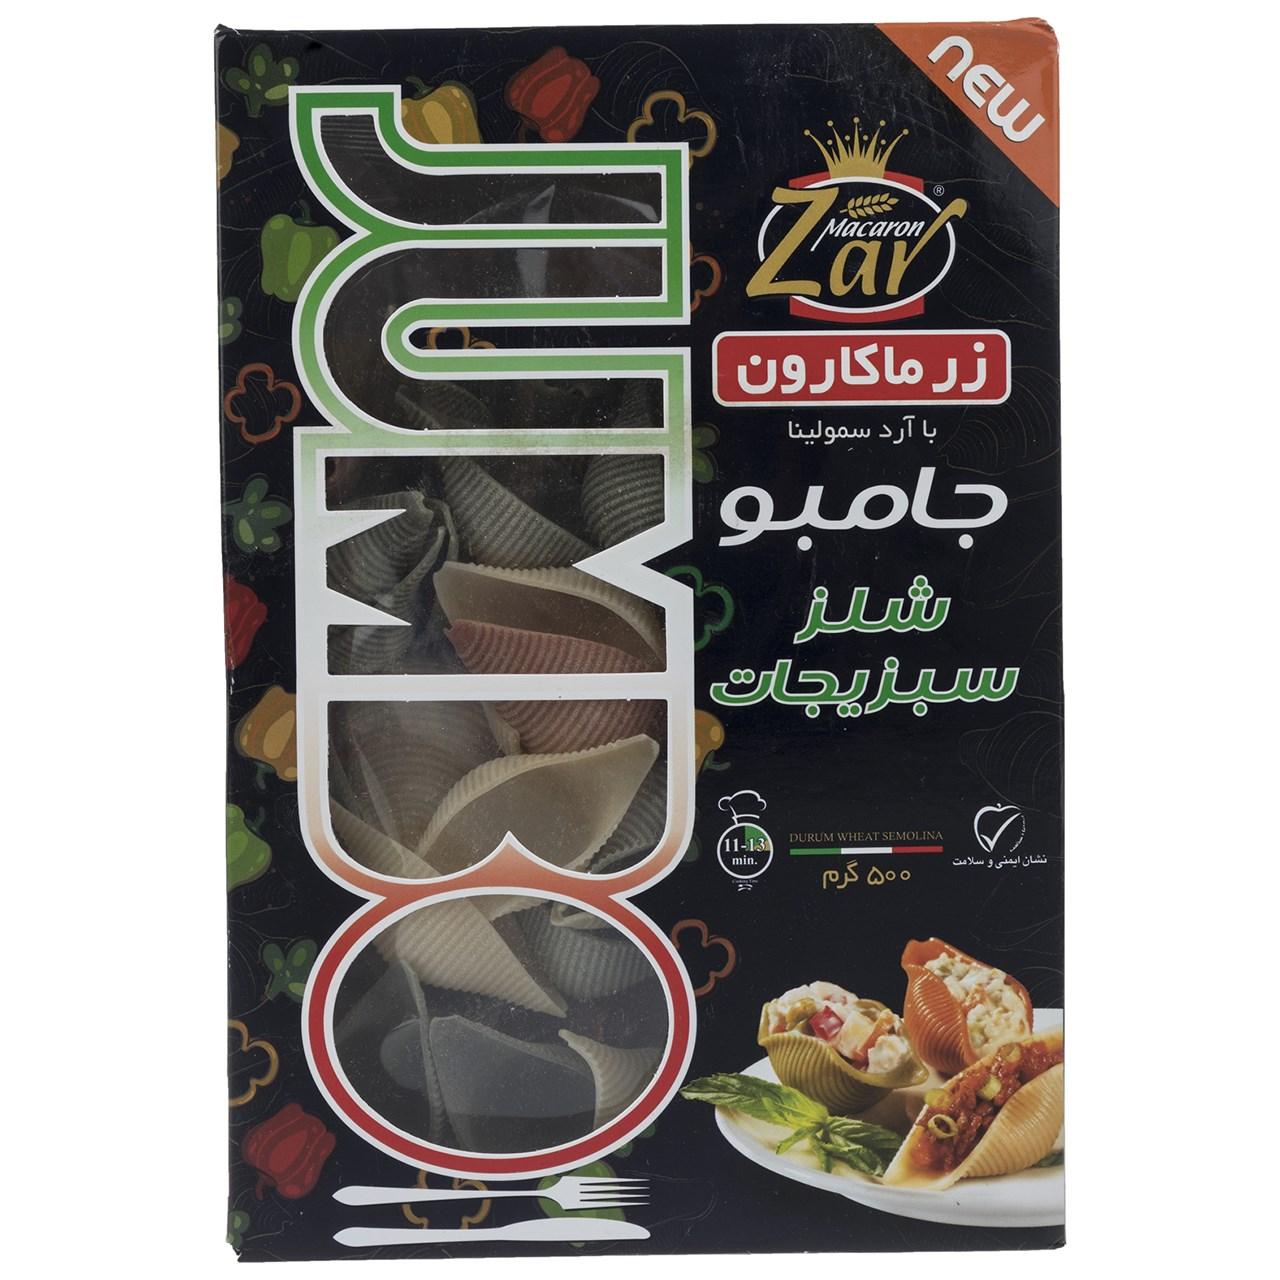 جامبو شلز سبزیجات زر ماکارون مقدار 500 گرم